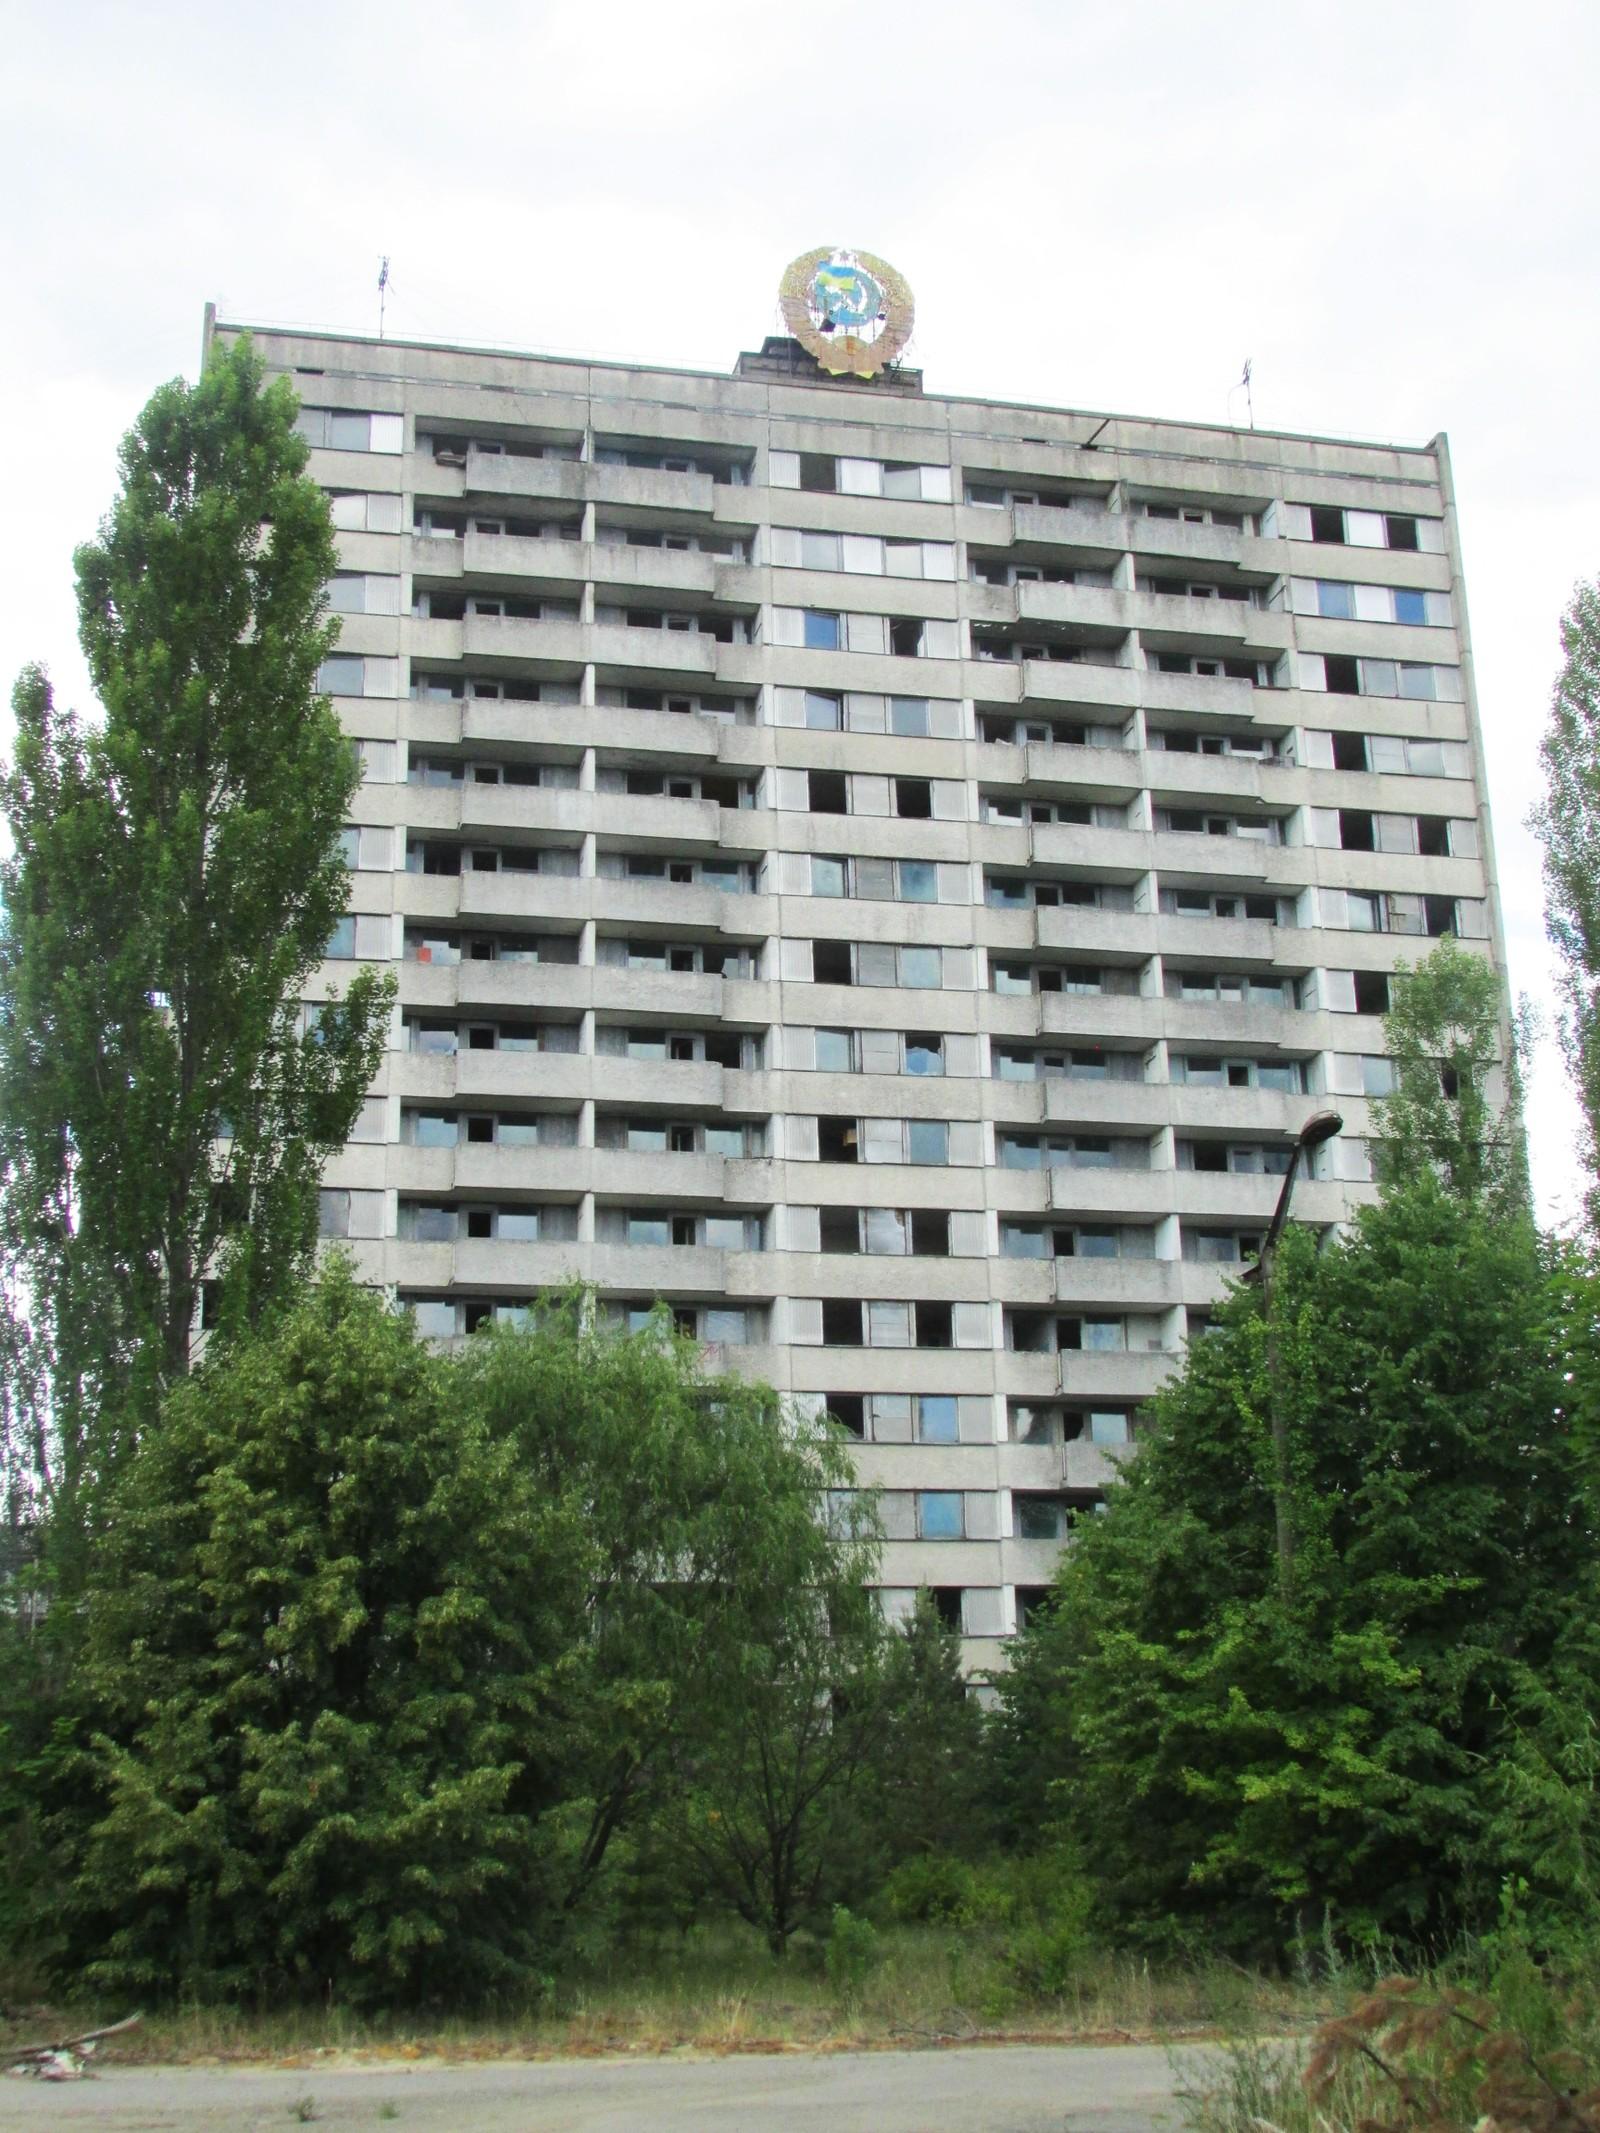 De høyeste blokkene i Pripyat – som denne – var på 16 etasjer. 9 og 16 etasjer var standardhøydene på boligblokker i Sovjetunionen. Grunnen var at det ble bygget to typer stigebiler for brannfolkene. Den ene biltypen hadde stiger som var 9 etasjer høye – den andre kunne hente ned folk fra 16. etasje.